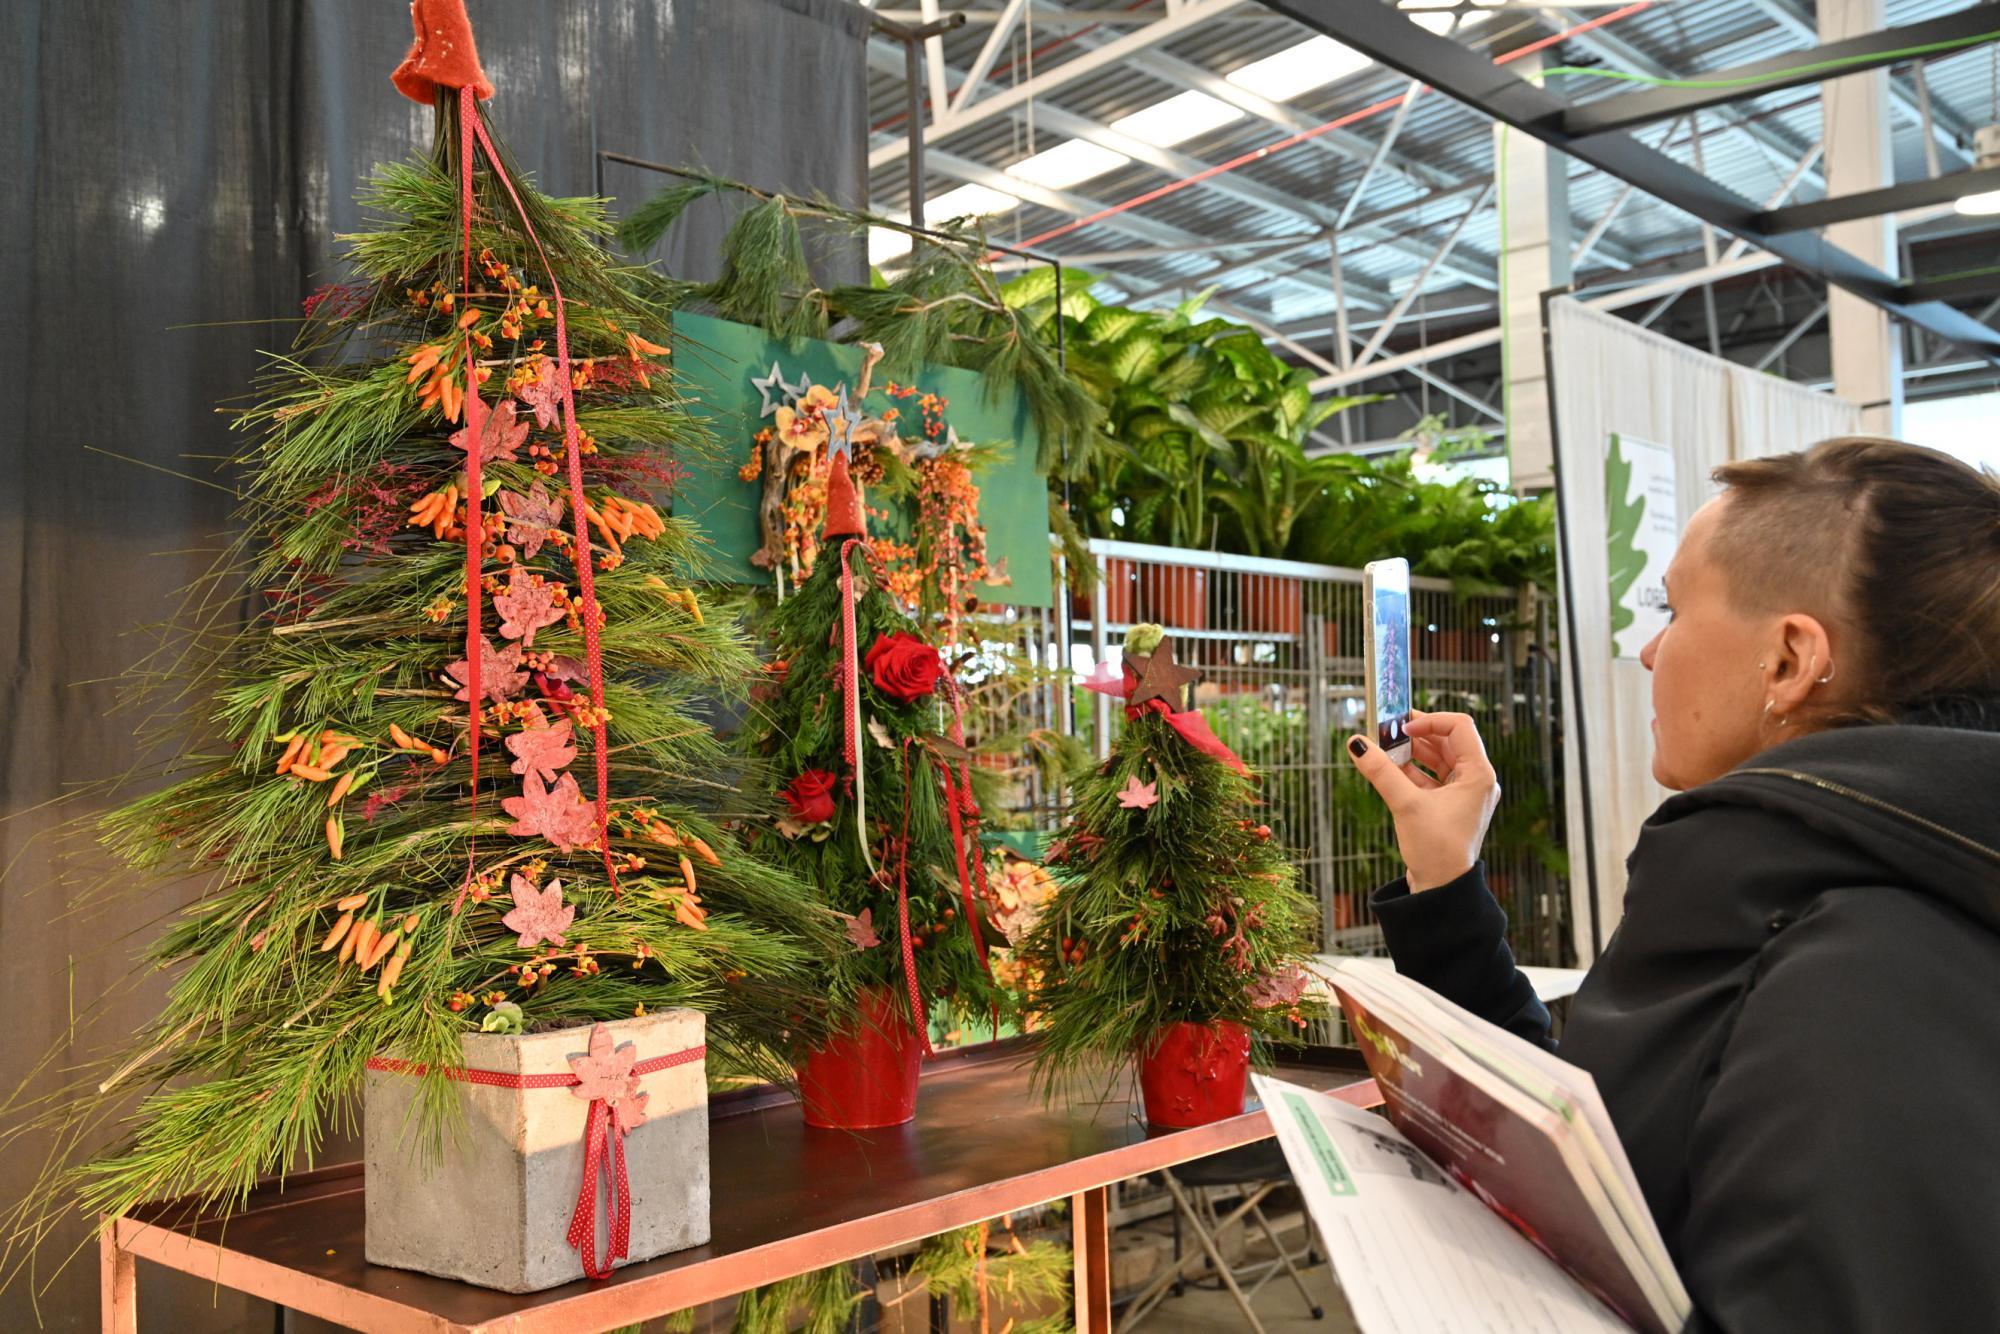 Mercabarna flor presenta las tendencias de ornamentaci n for Ornamentacion para navidad